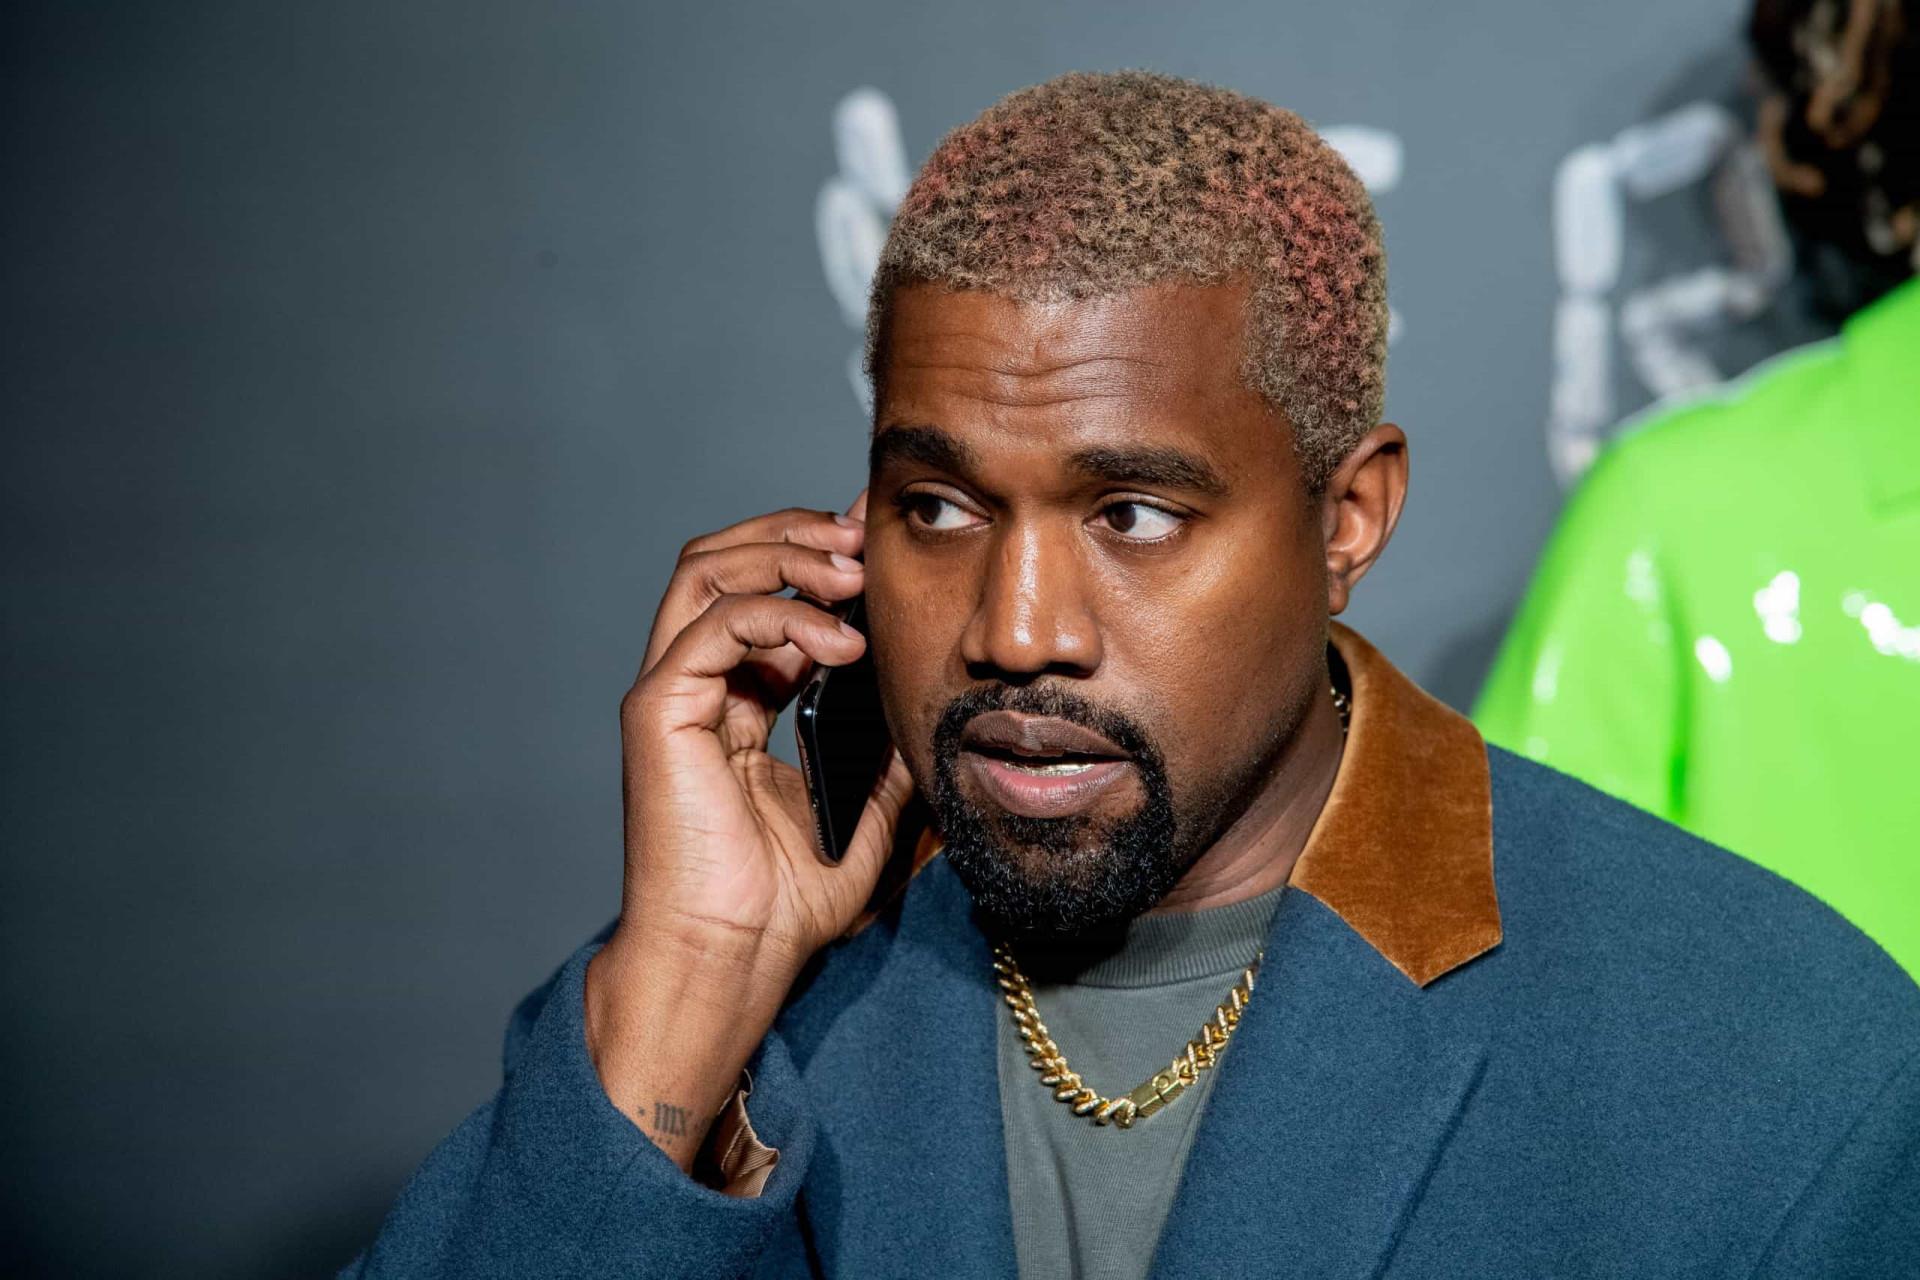 Estilo inconfundível! Vídeo de Kanye West a dançar torna-se viral